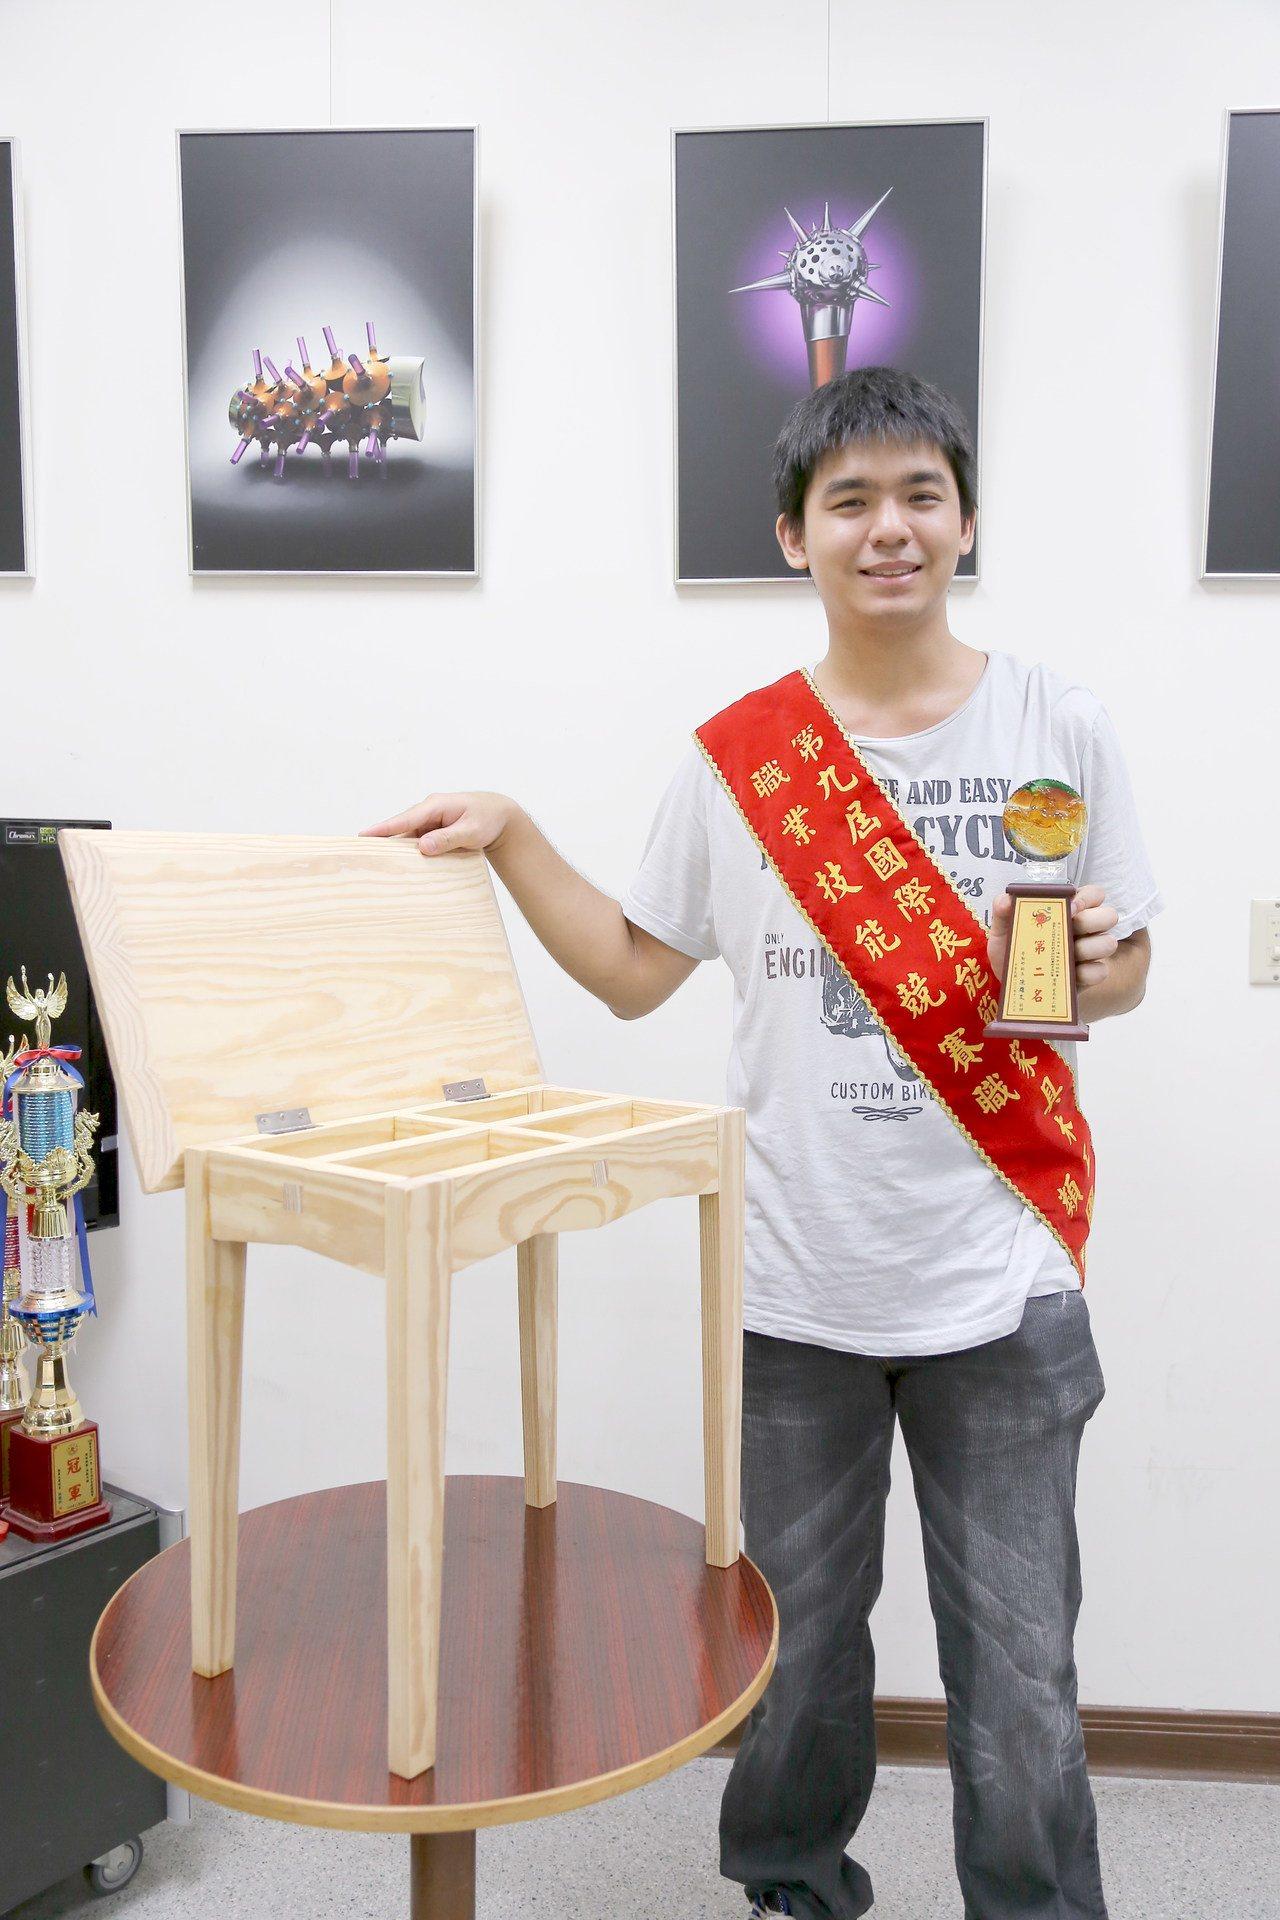 李政軒的作品曾獲第九屆國際展能節競賽家具木工類金牌獎。圖/南華大學提供